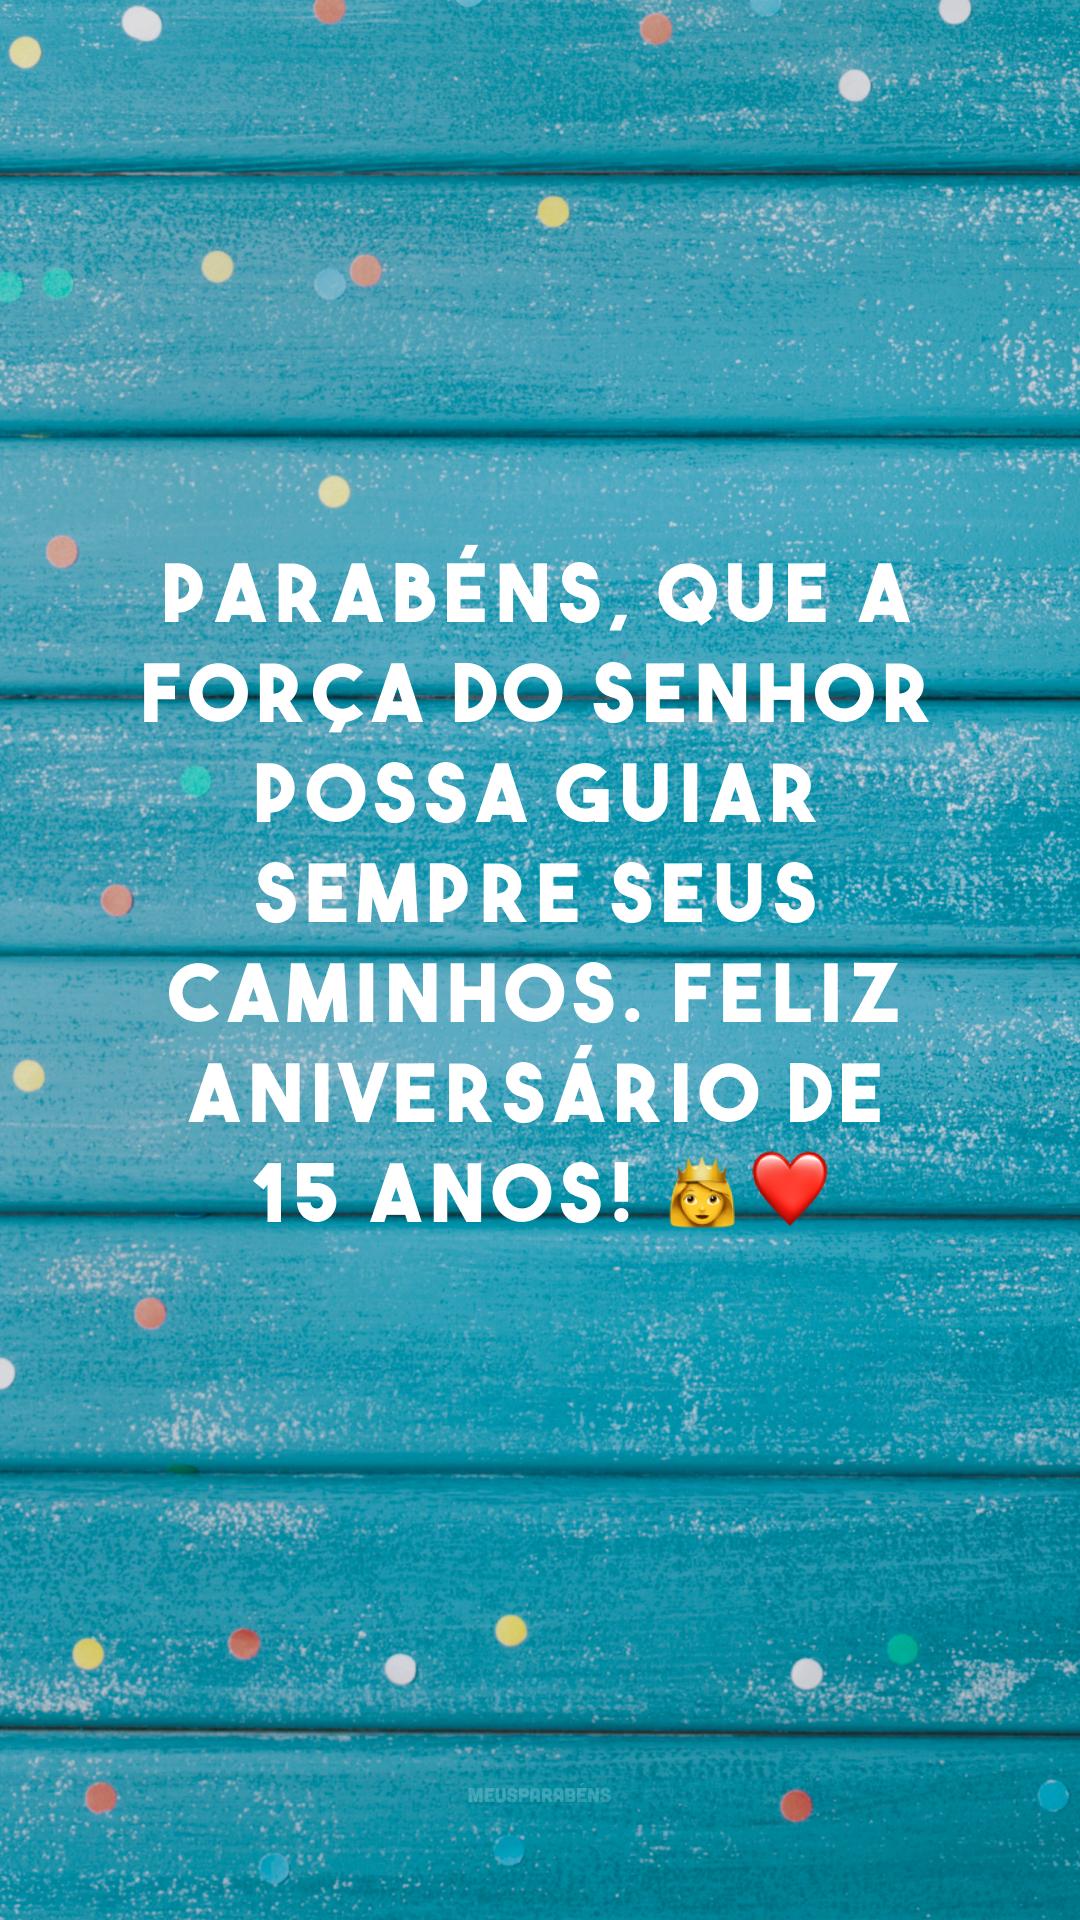 Parabéns, que a força do Senhor possa guiar sempre seus caminhos. Feliz aniversário de 15 anos! 👸❤